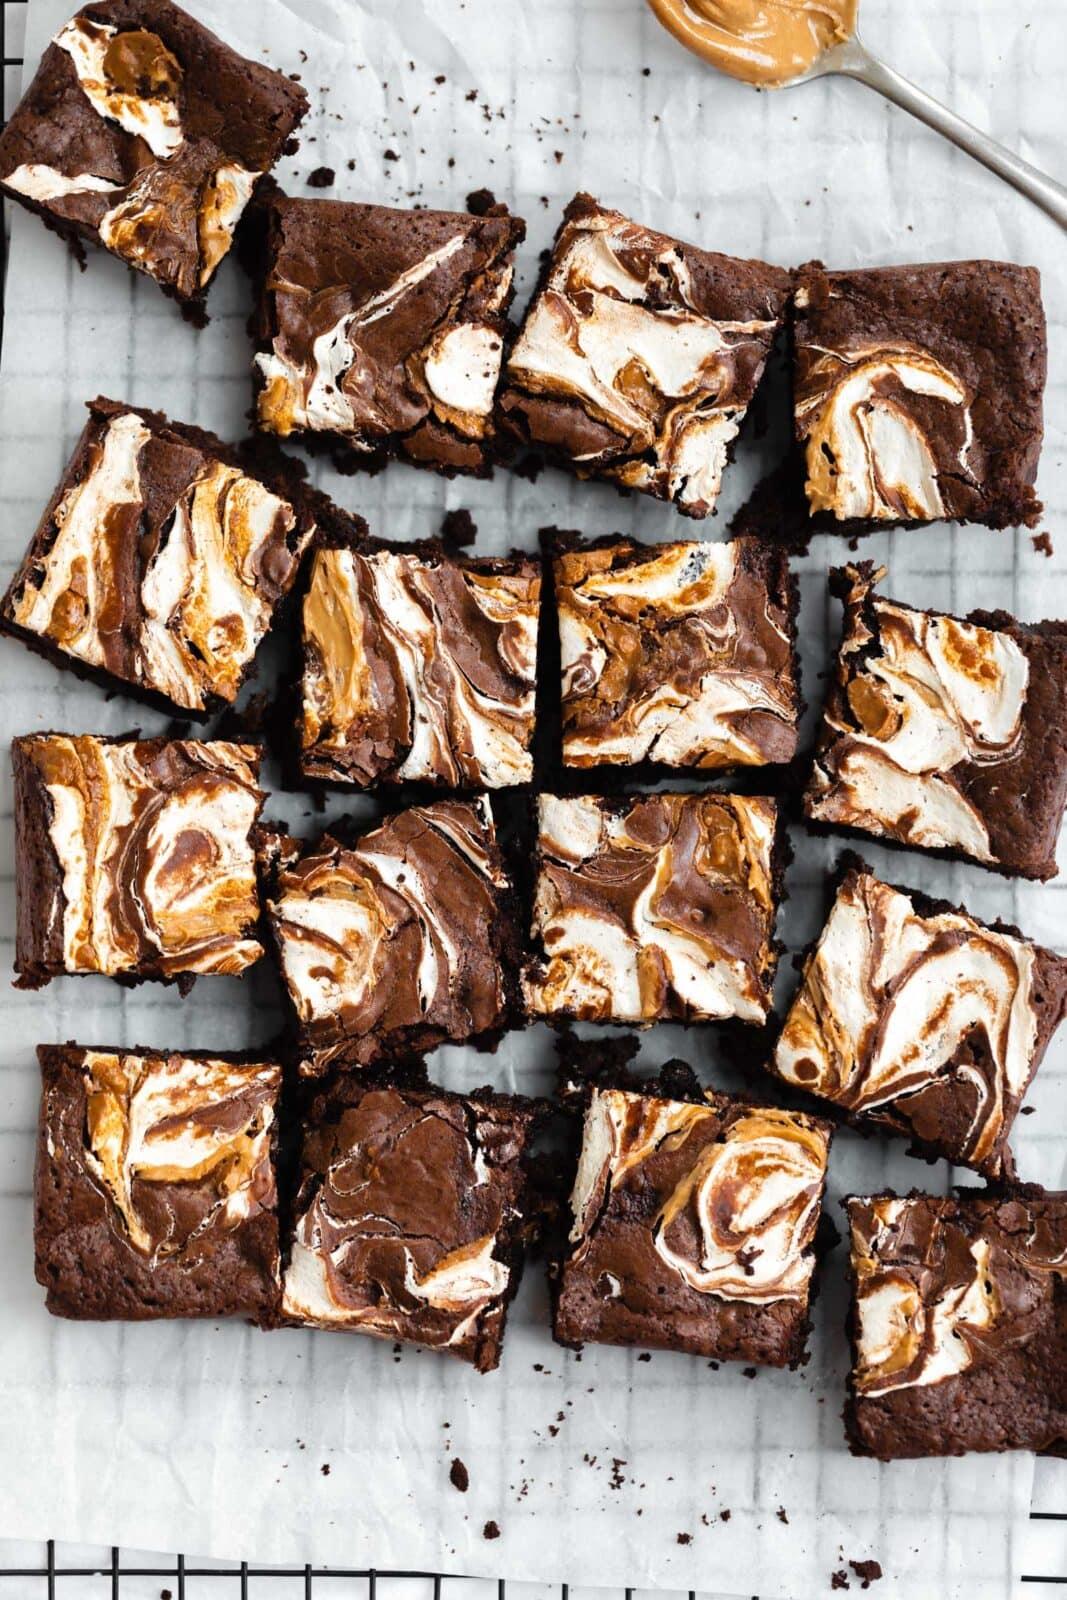 fluffernutter brownies on a cooling rack